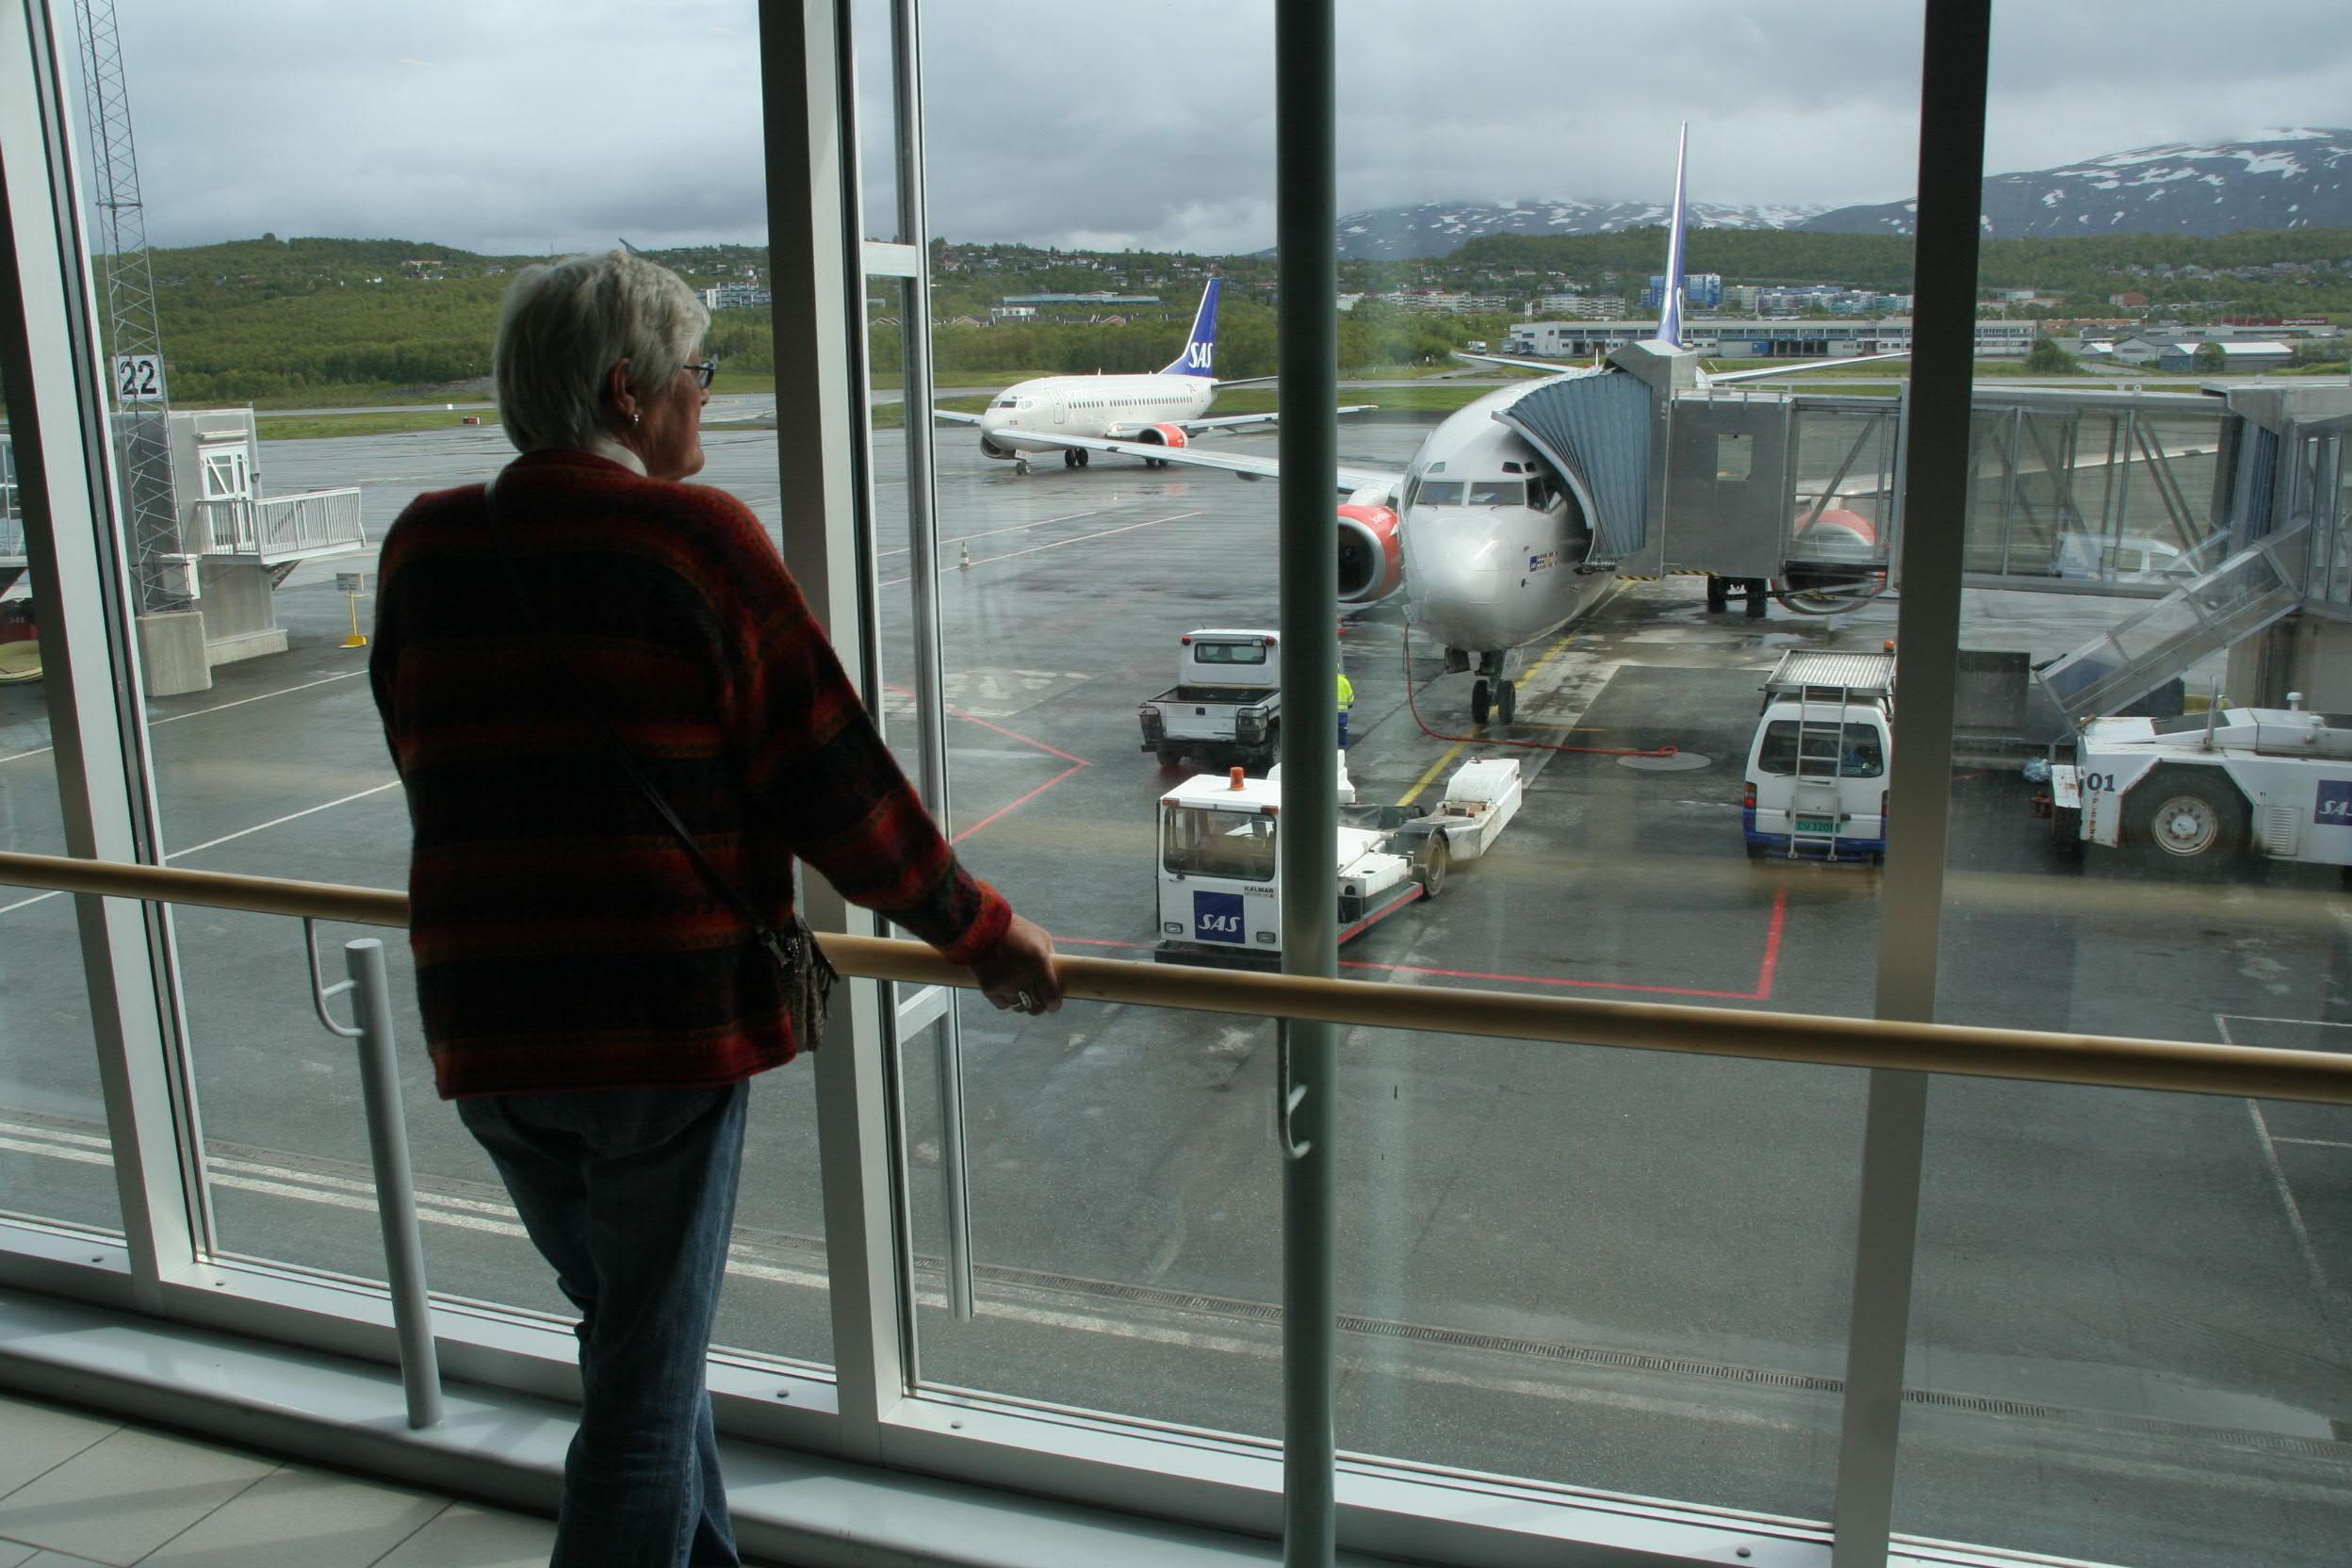 IMG 2243 Vi forlater Trmsø lufthavn med destinasjon Longyearbyen på Svalbard